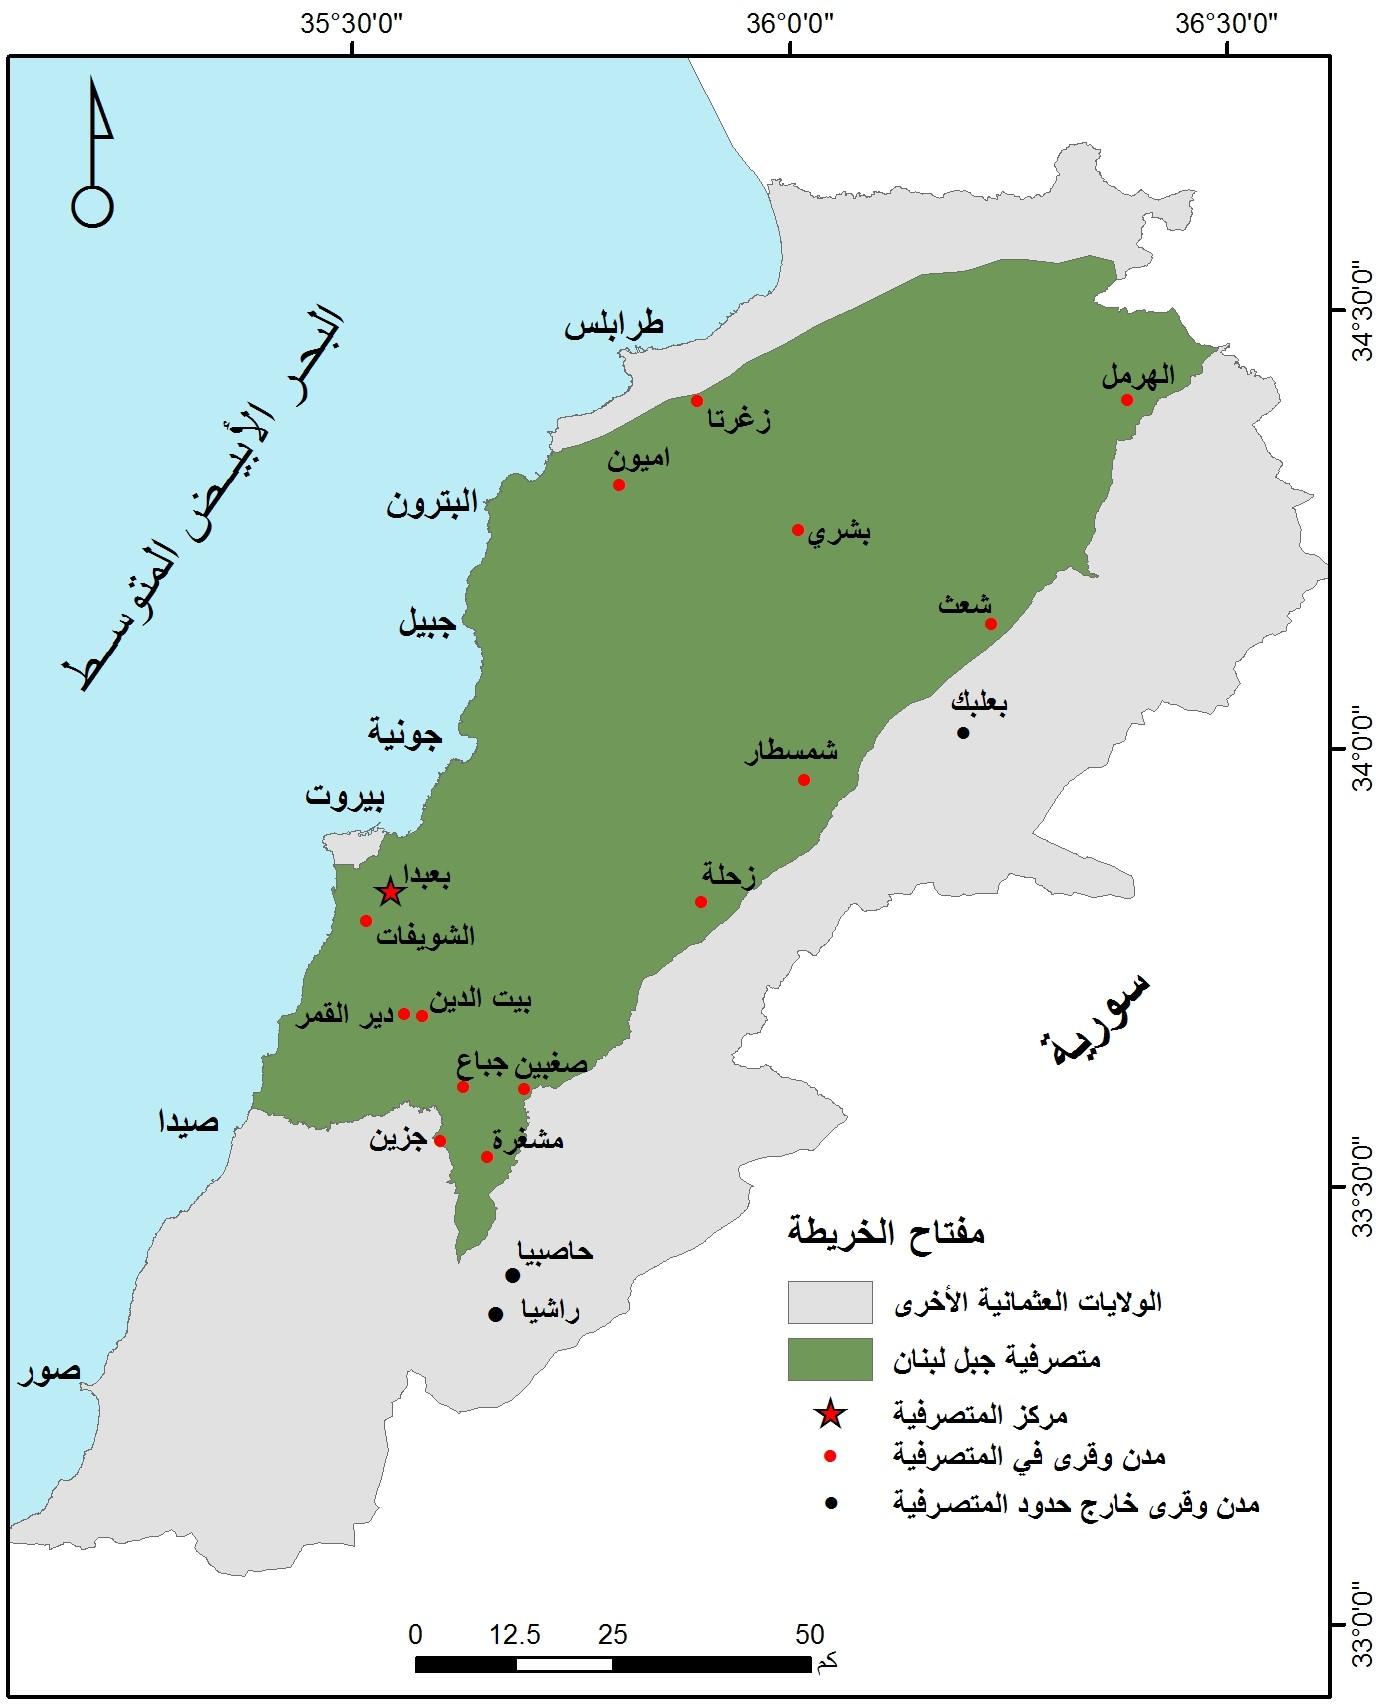 نهائي ة الك يان اللبناني في منظور الجغرافيا السياسي ة مجلة أوراق ثقافية